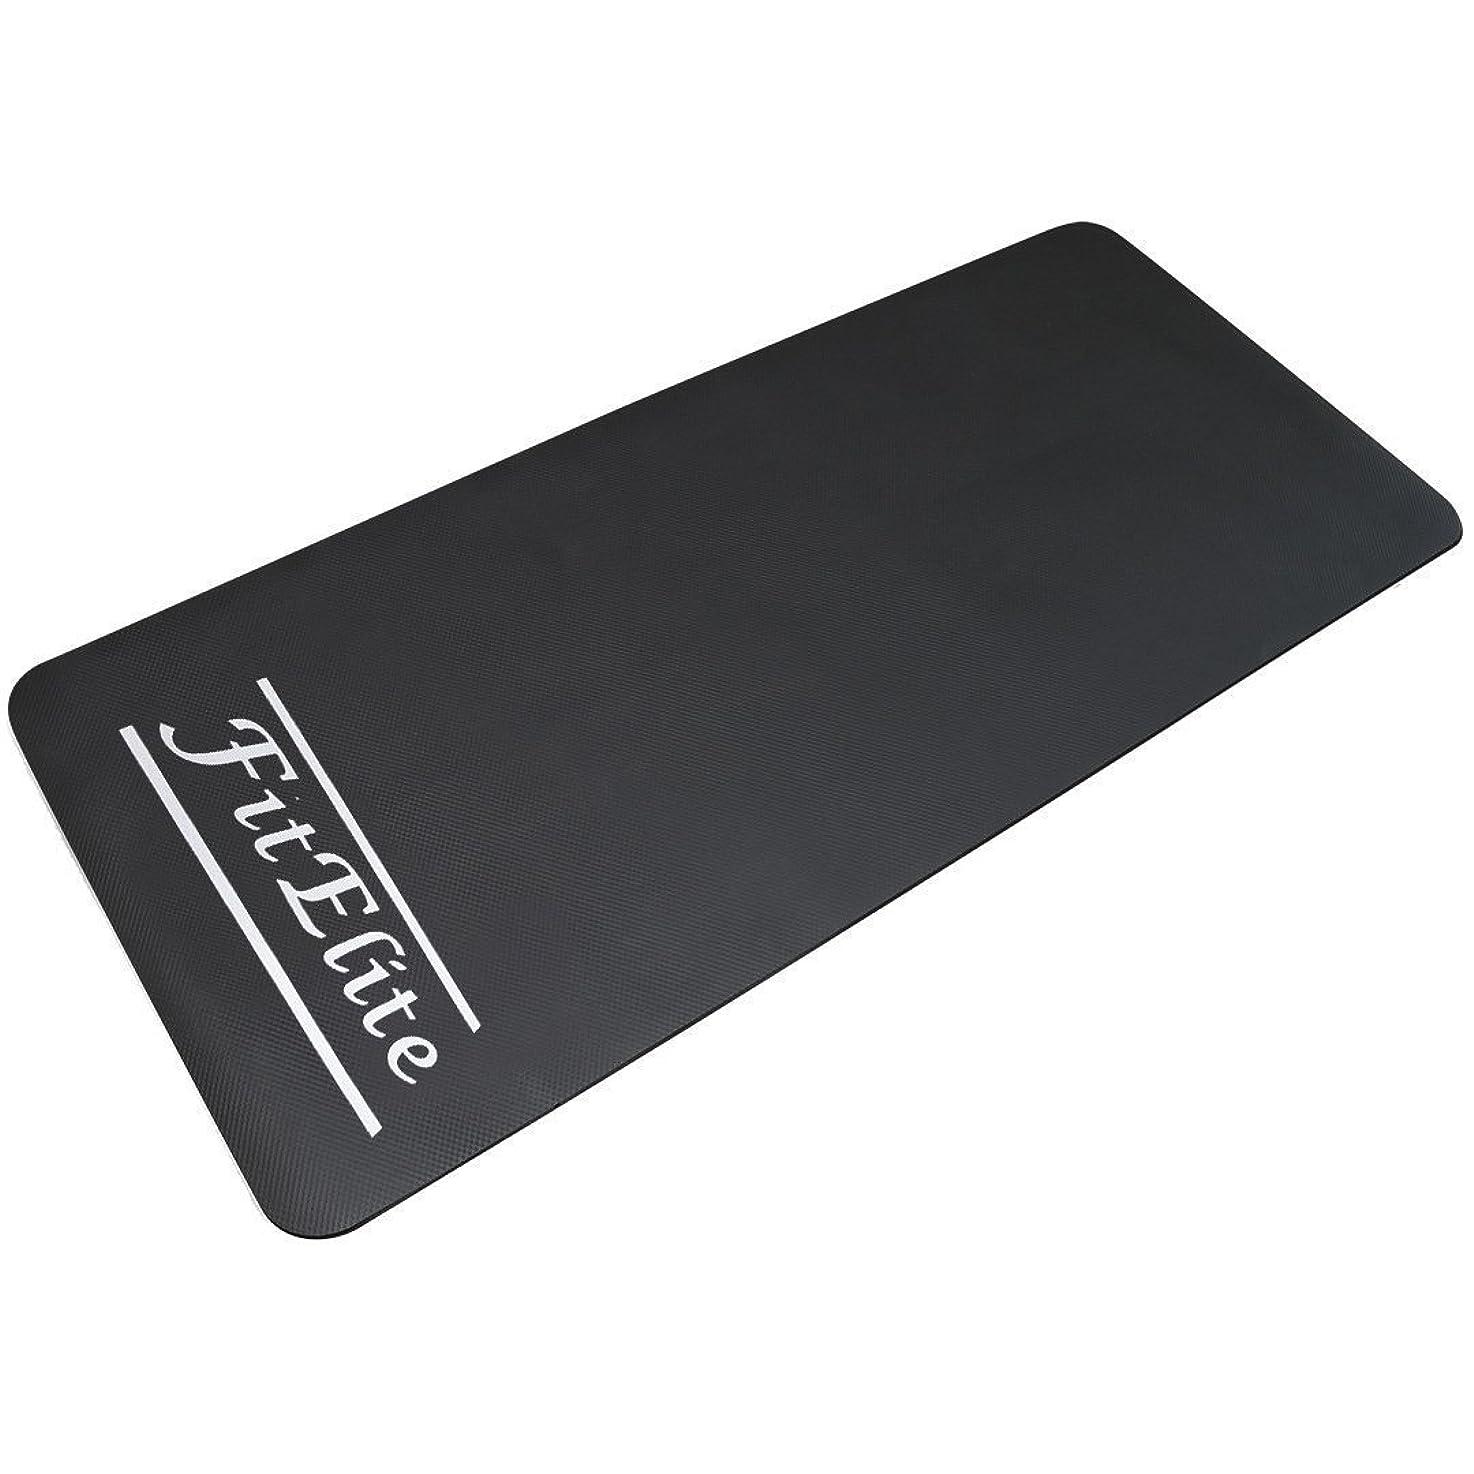 出席コミュニティ順応性のあるFitElite(フィットエリート)フロアマット ルームランナー?ランニングマシン用 防音?振動吸収、フロア保護